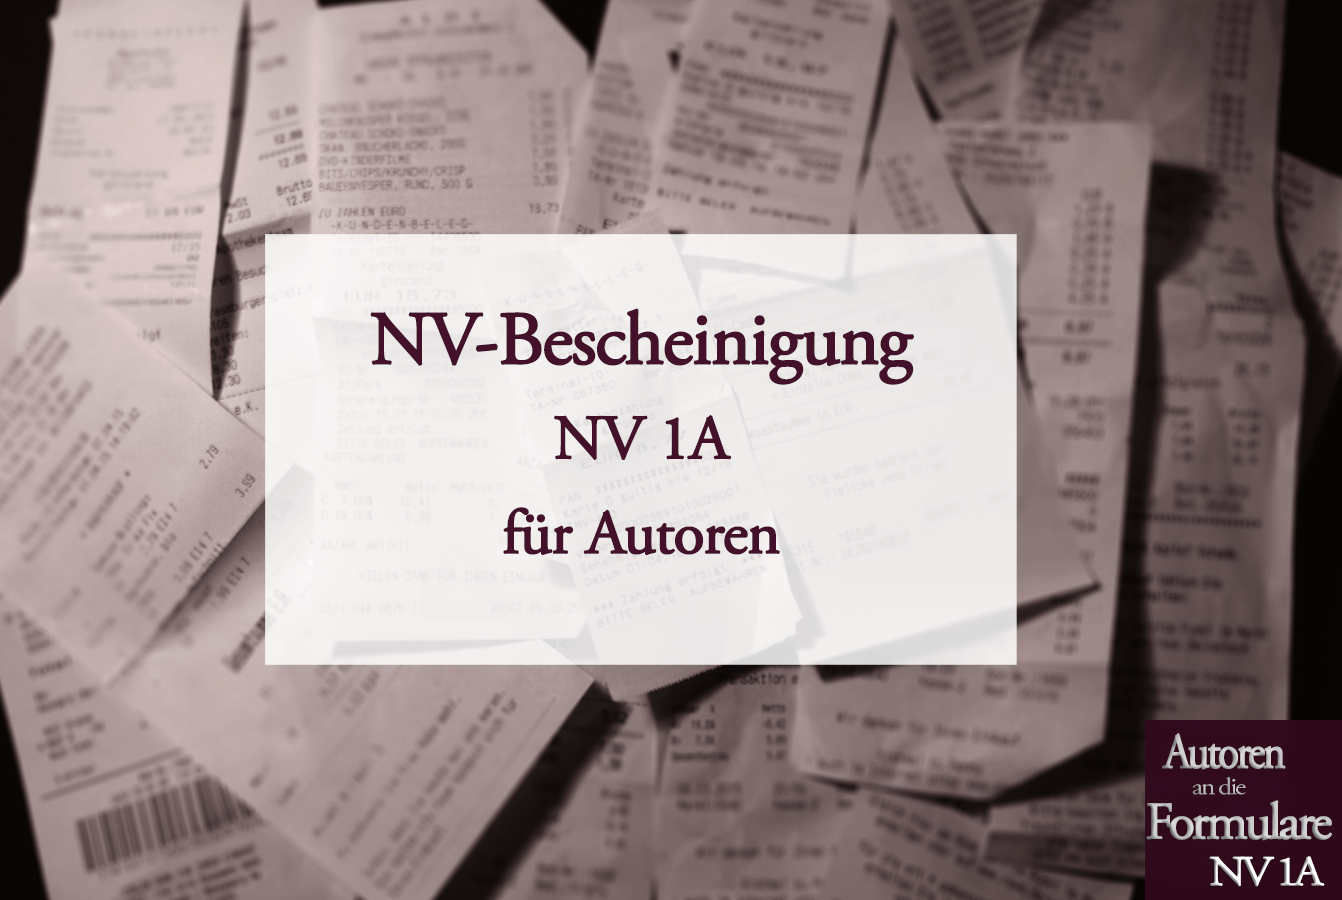 NV-Bescheinigung für Autoren | Autoren an die Formulare